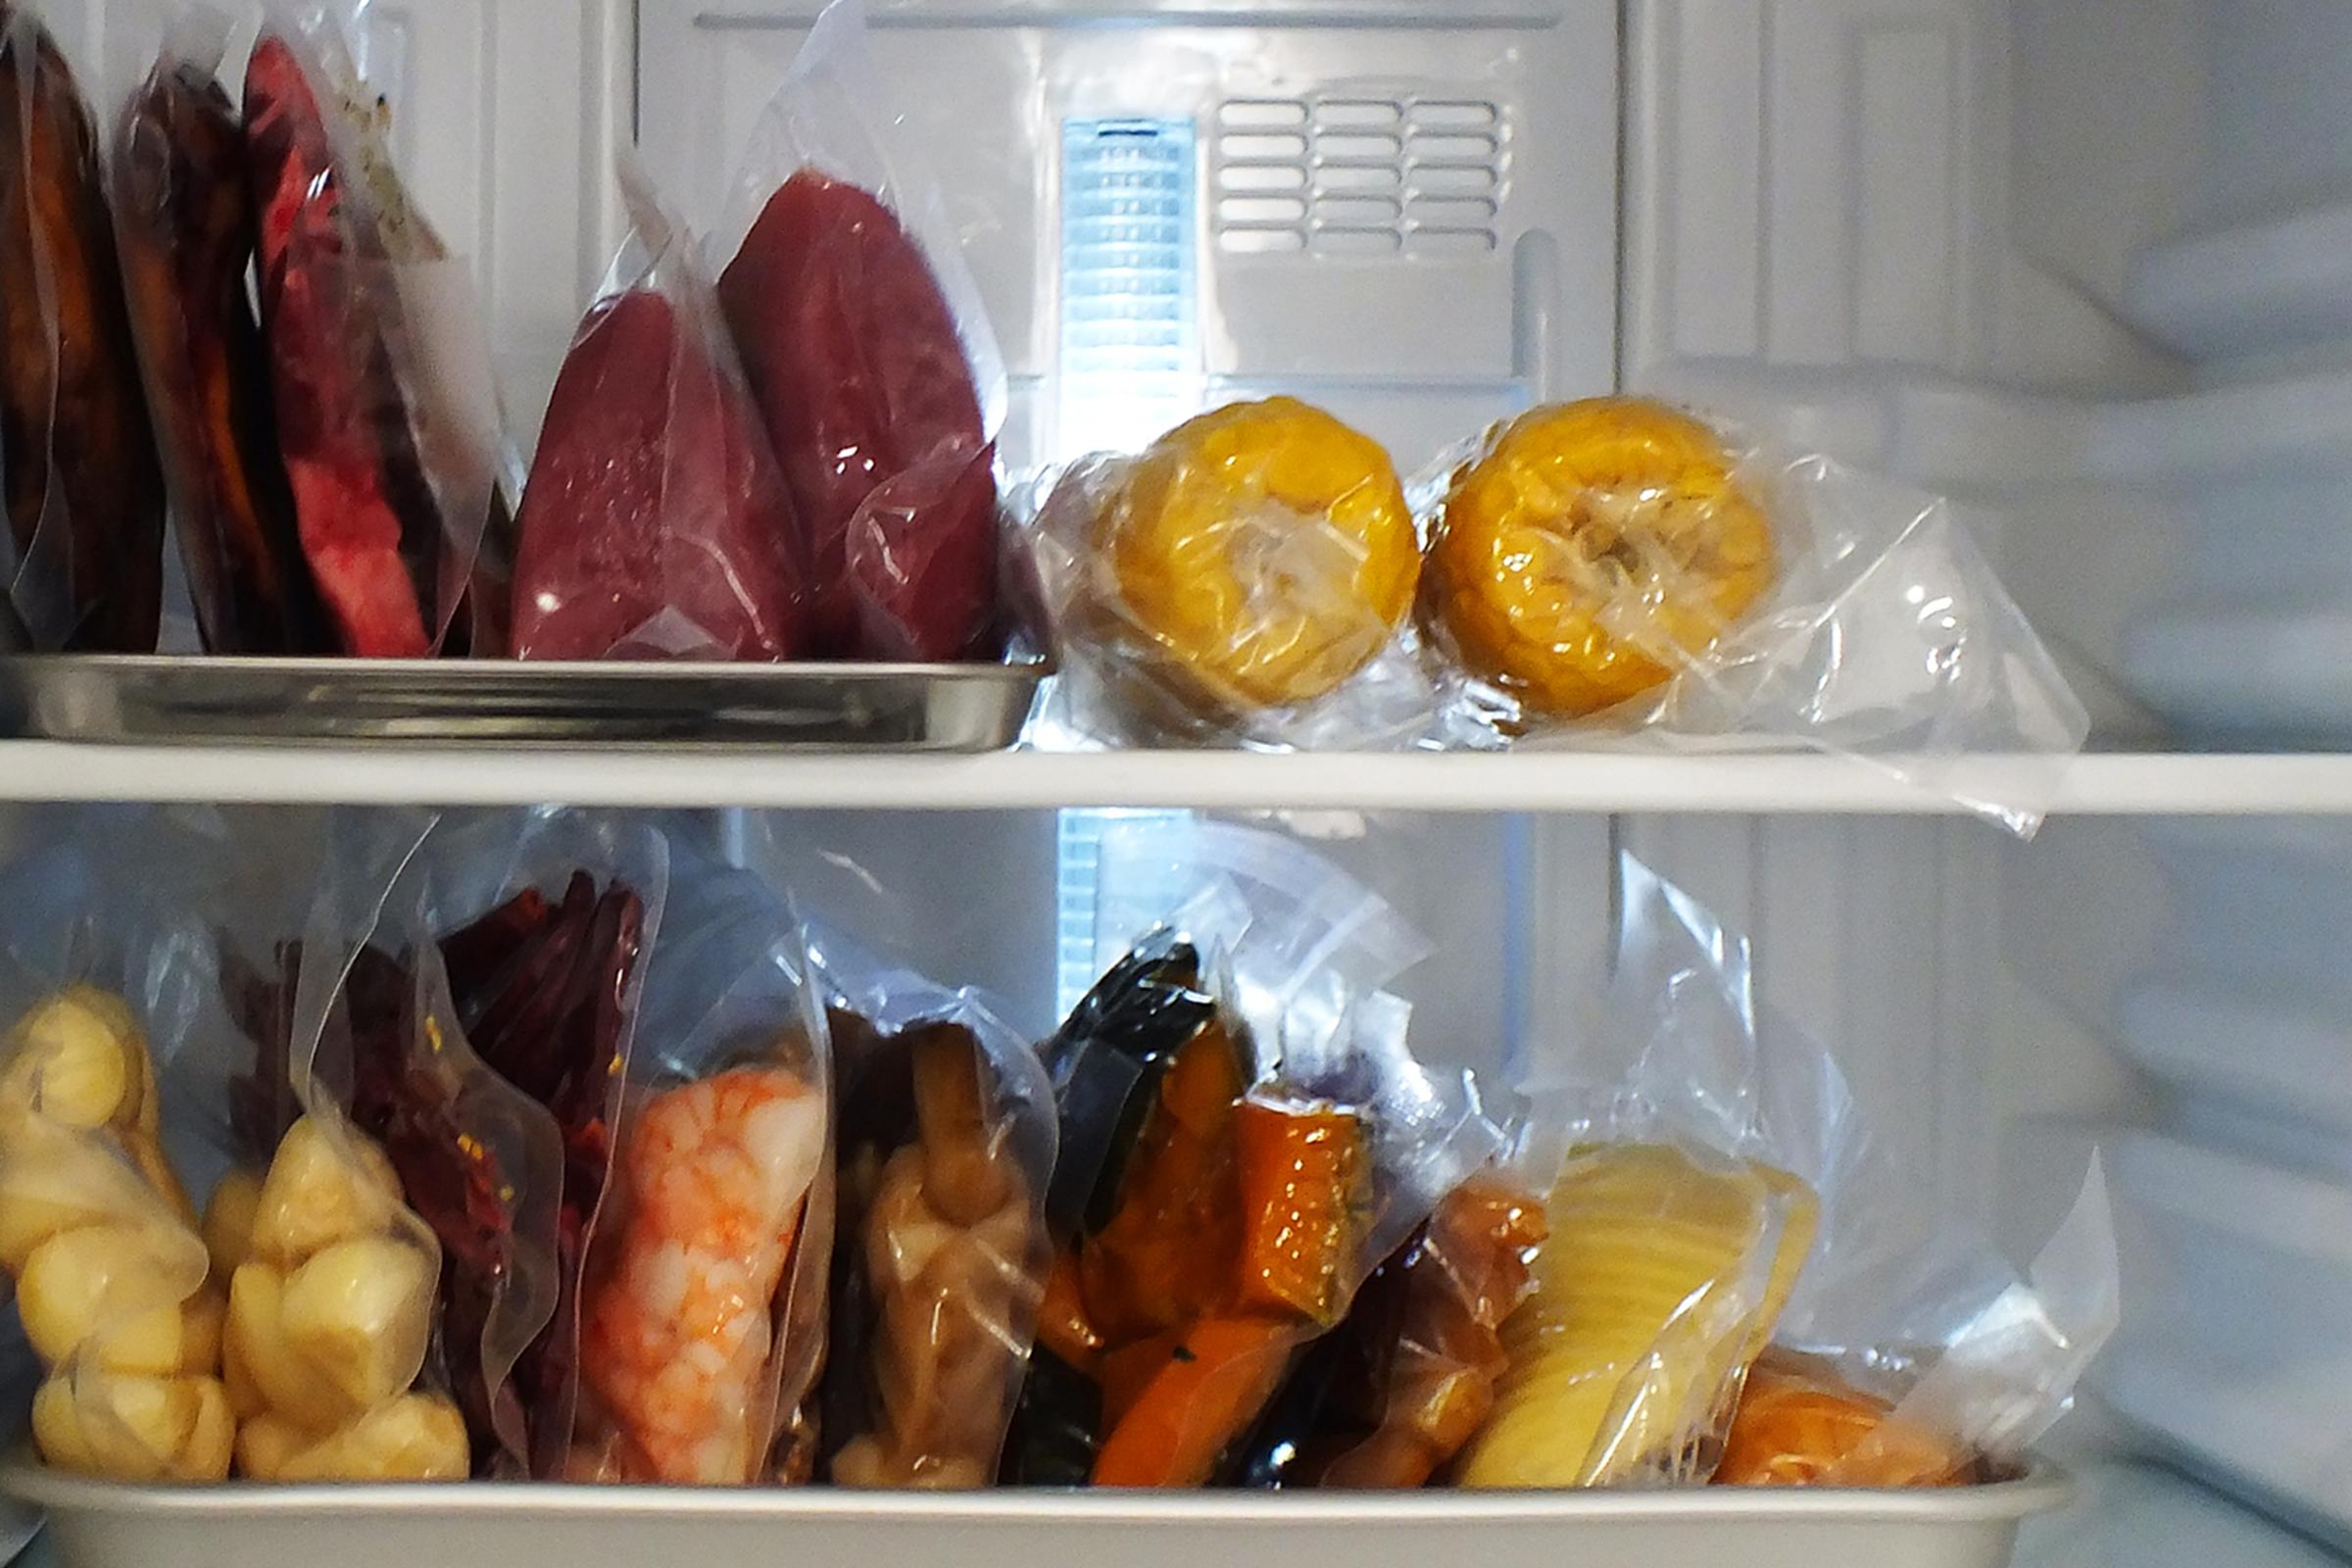 真空袋は酸素透過度が低く、保存中に食材同士でにおい移りしてしまうことを防ぎます。